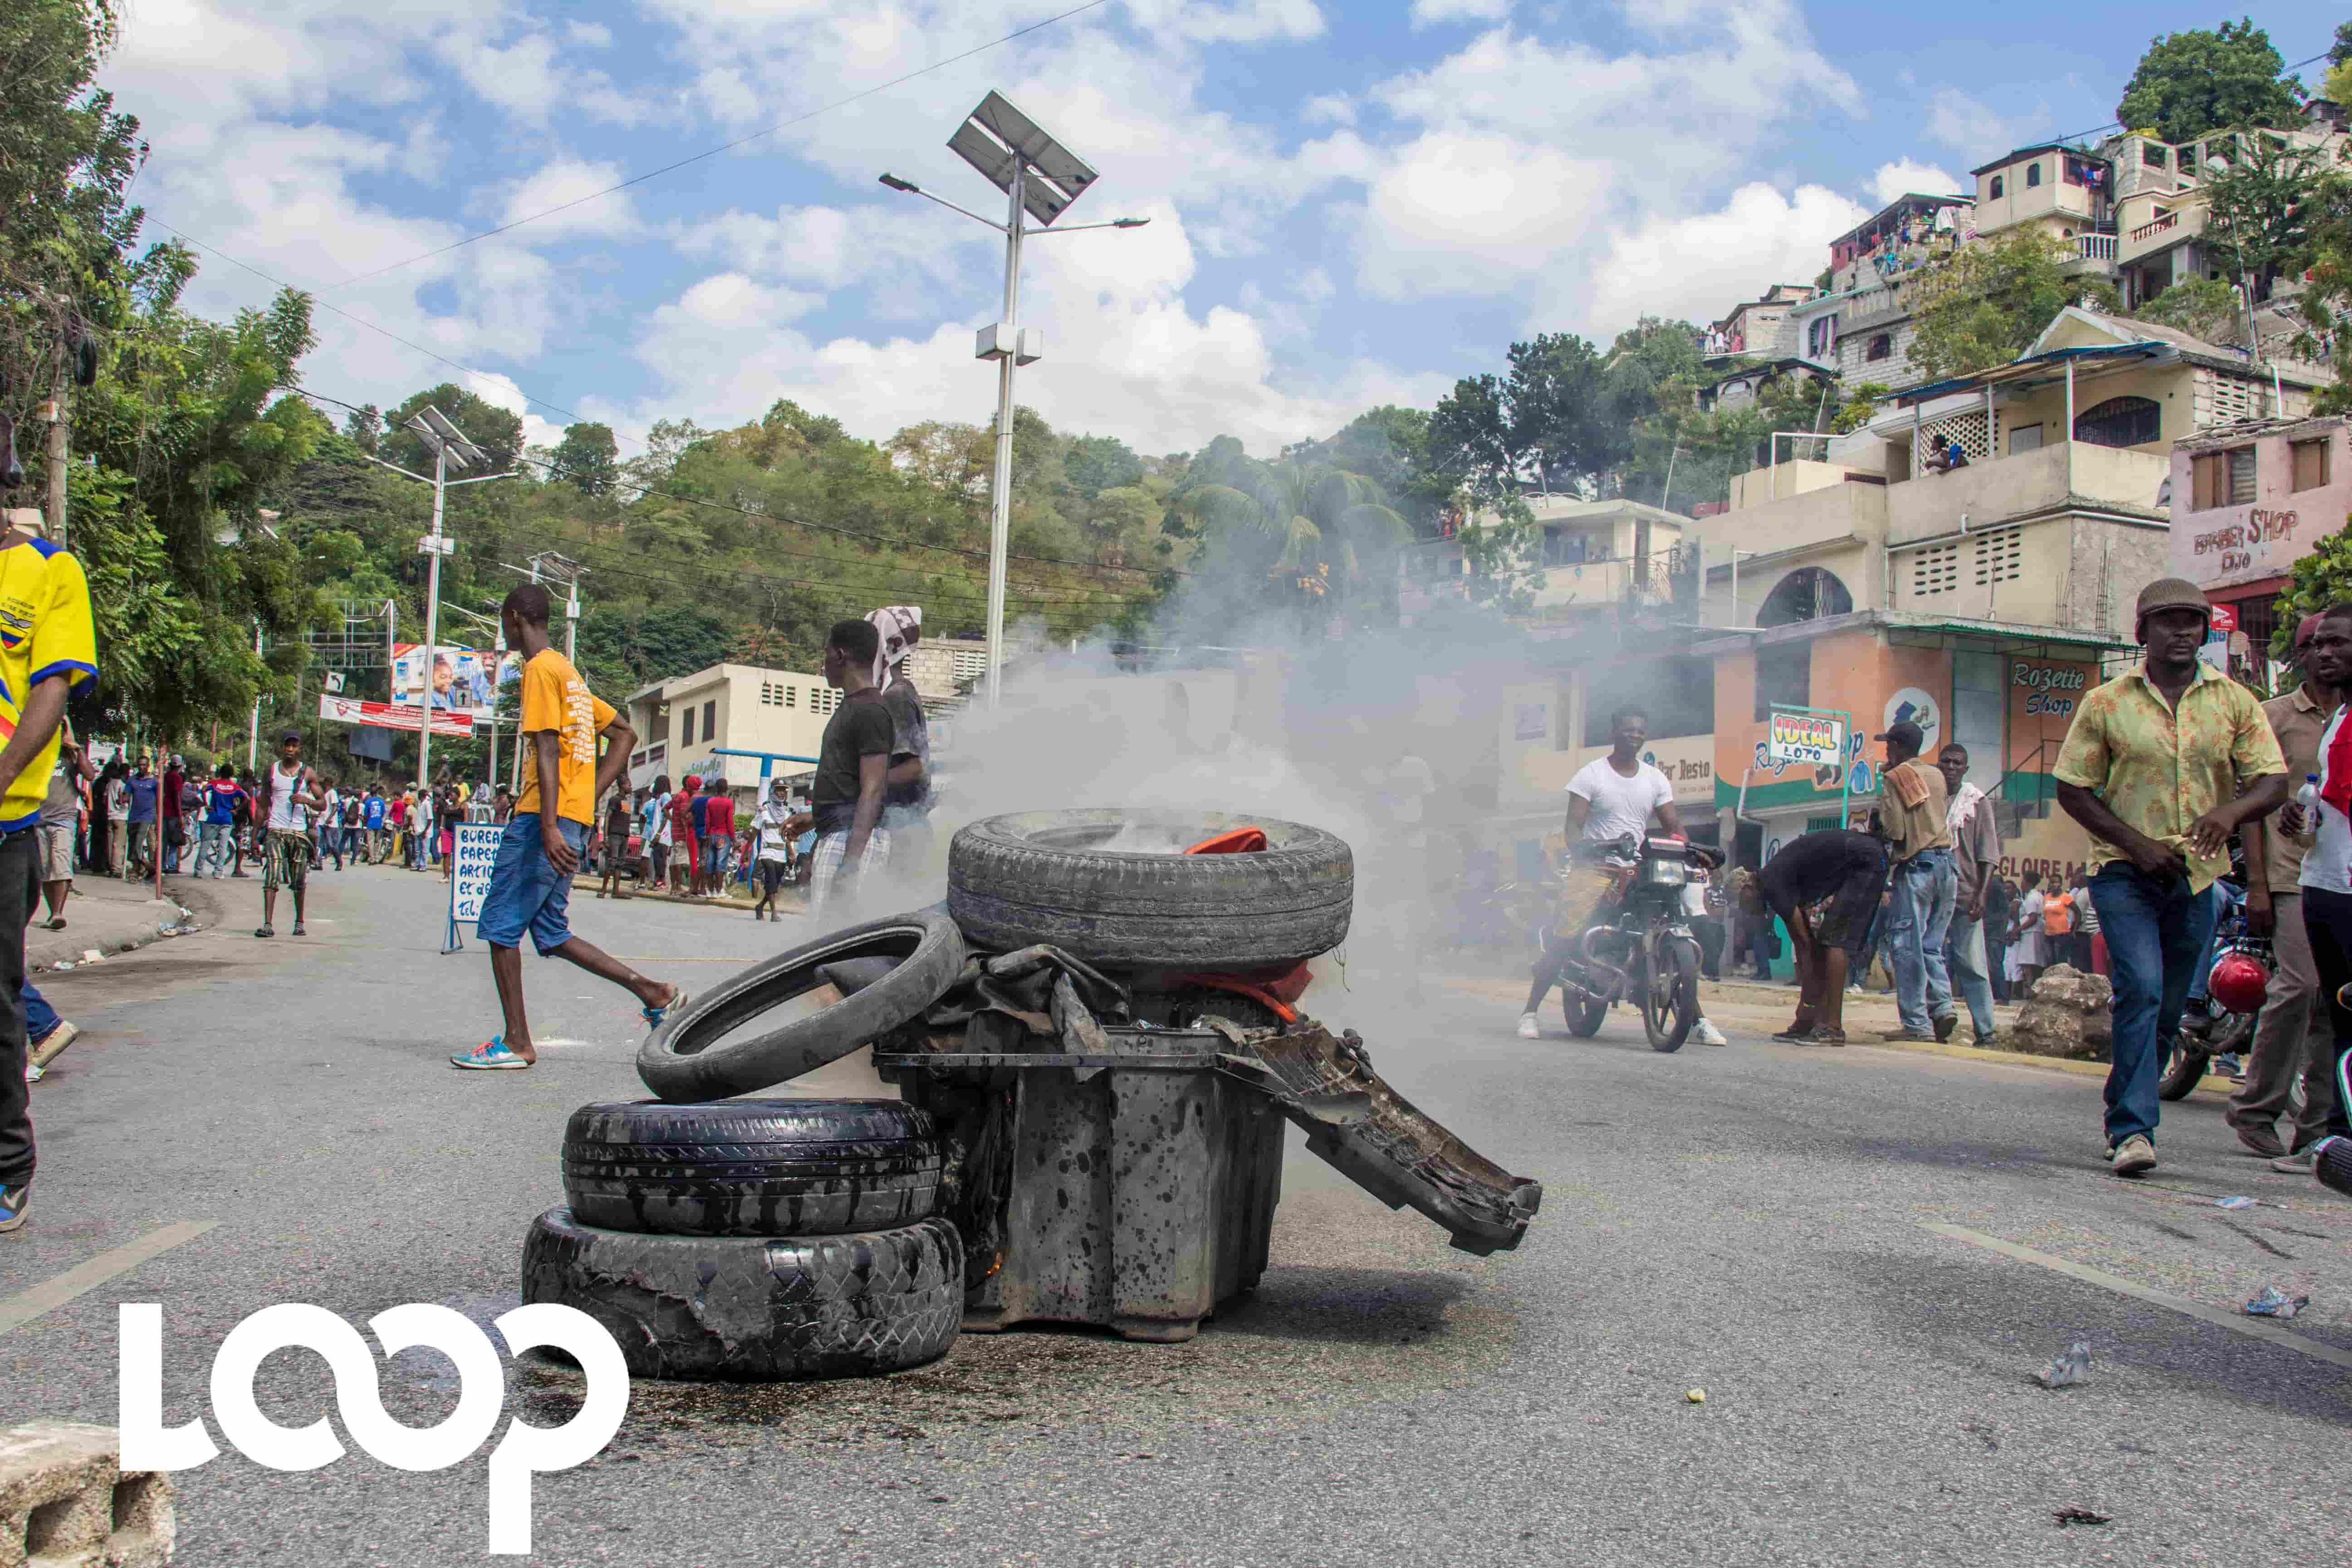 Manifestation à Petit-Goâve contre la cherté de la vie. Photo prise lors de la manifestation du 30 septembre 2017, à Port-au-